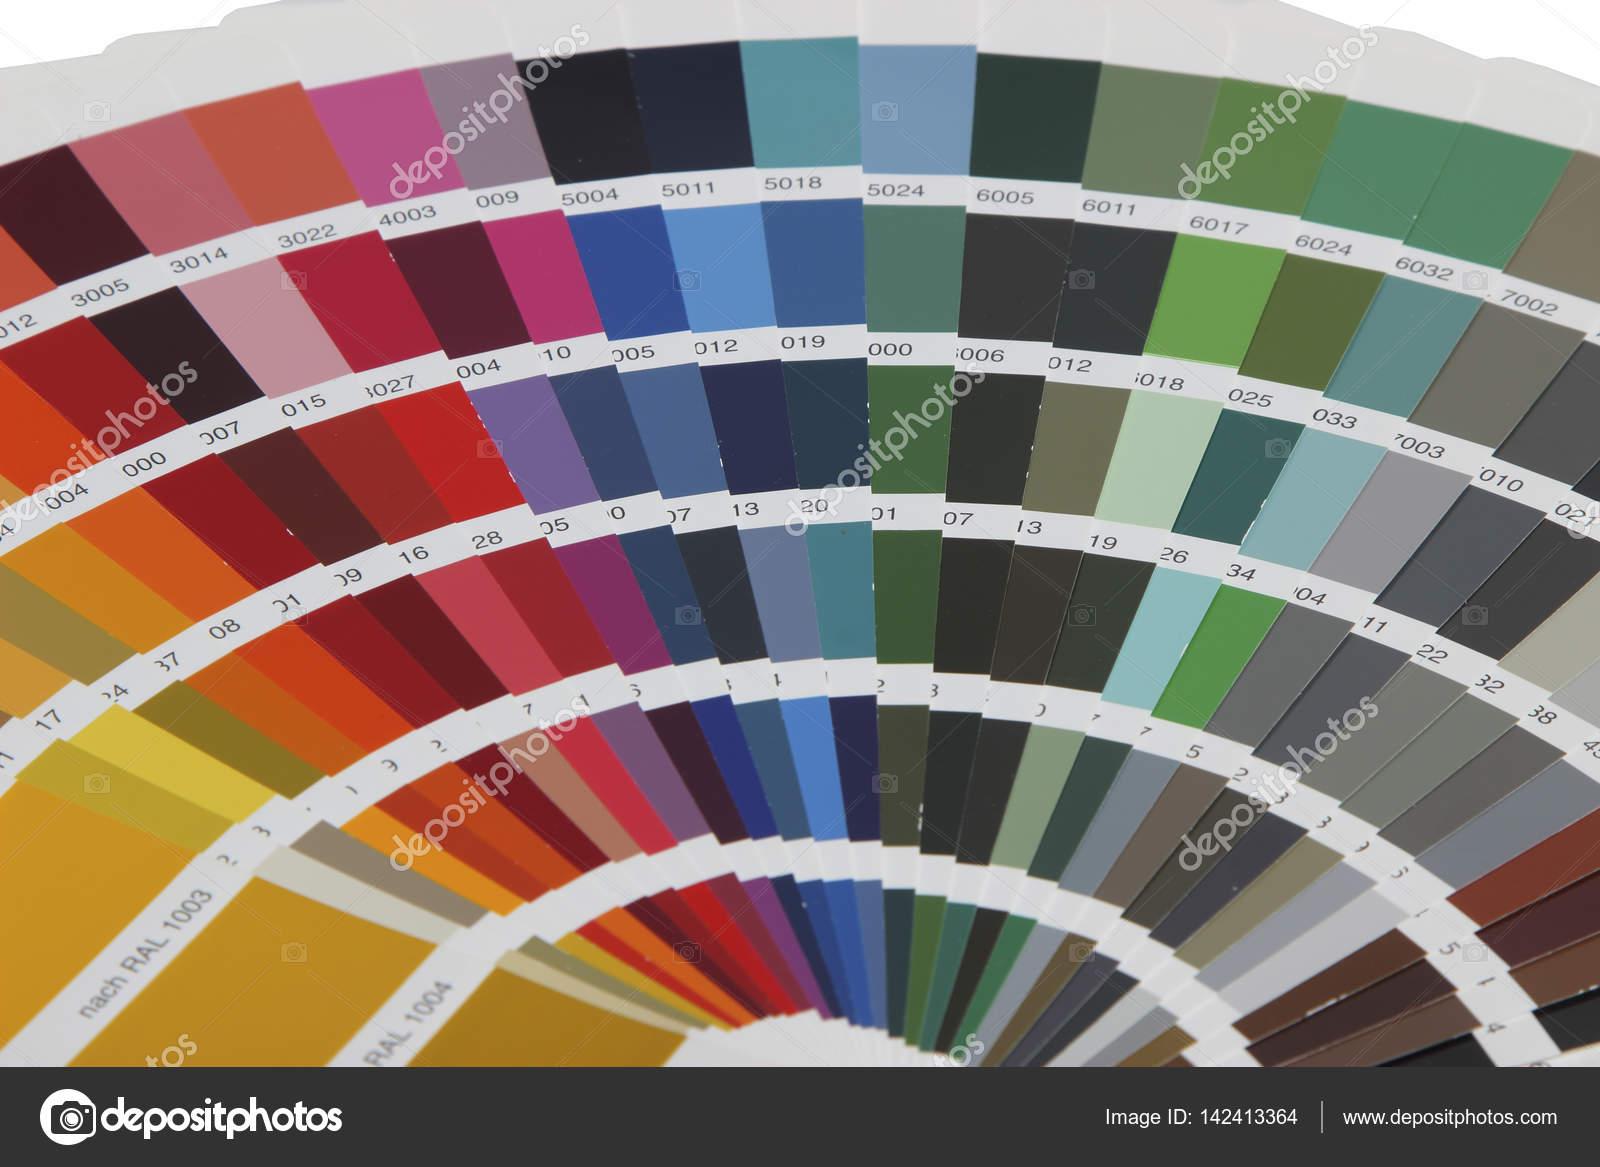 Colori ral colori ral la scelta del colore ral come for Pulire parquet rovinato